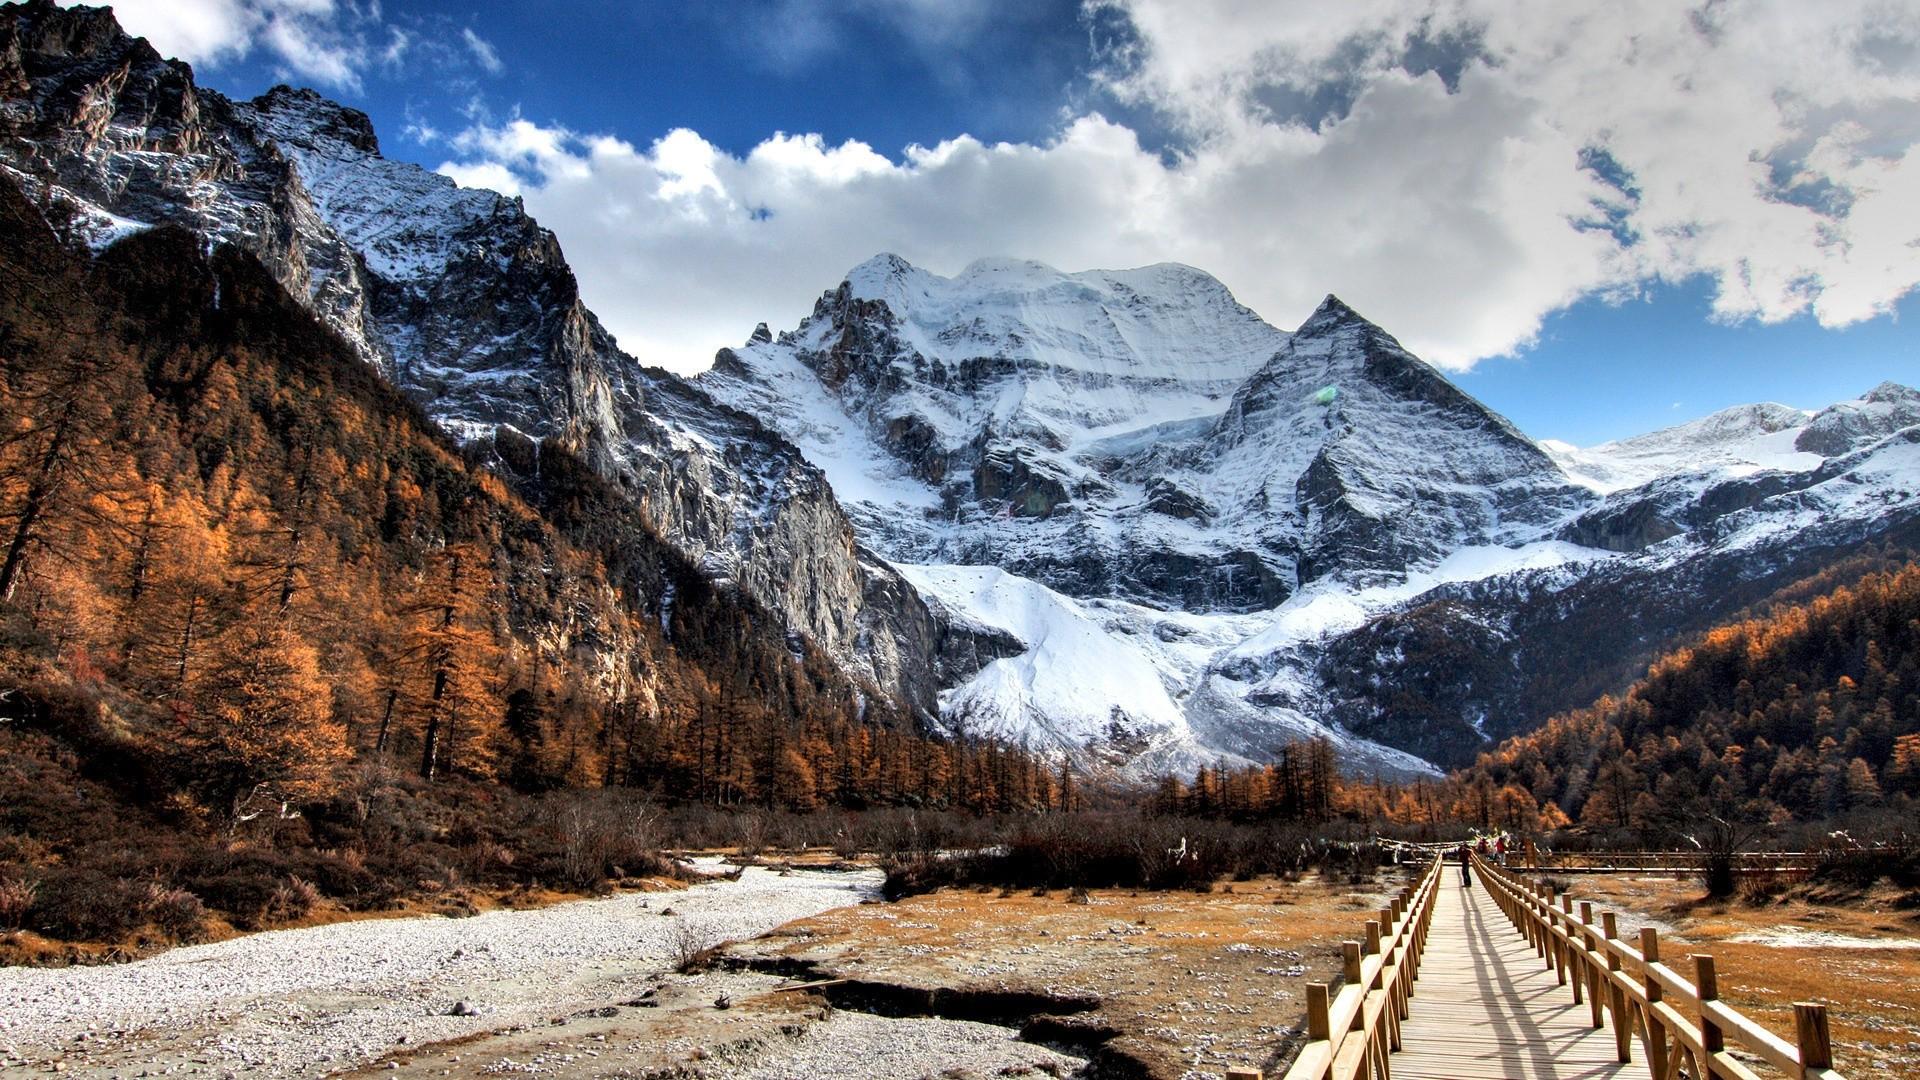 Snow Mountain Background